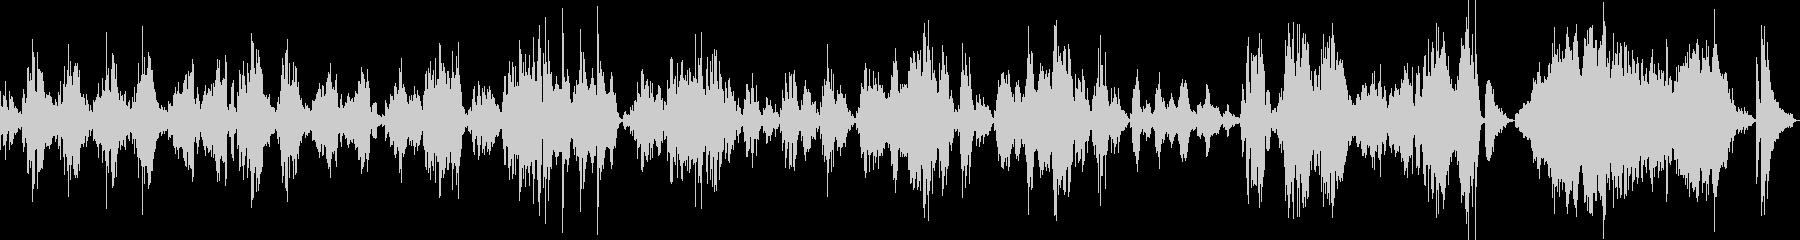 ショパン:華麗なる大円舞曲(ピアノソロ)の未再生の波形